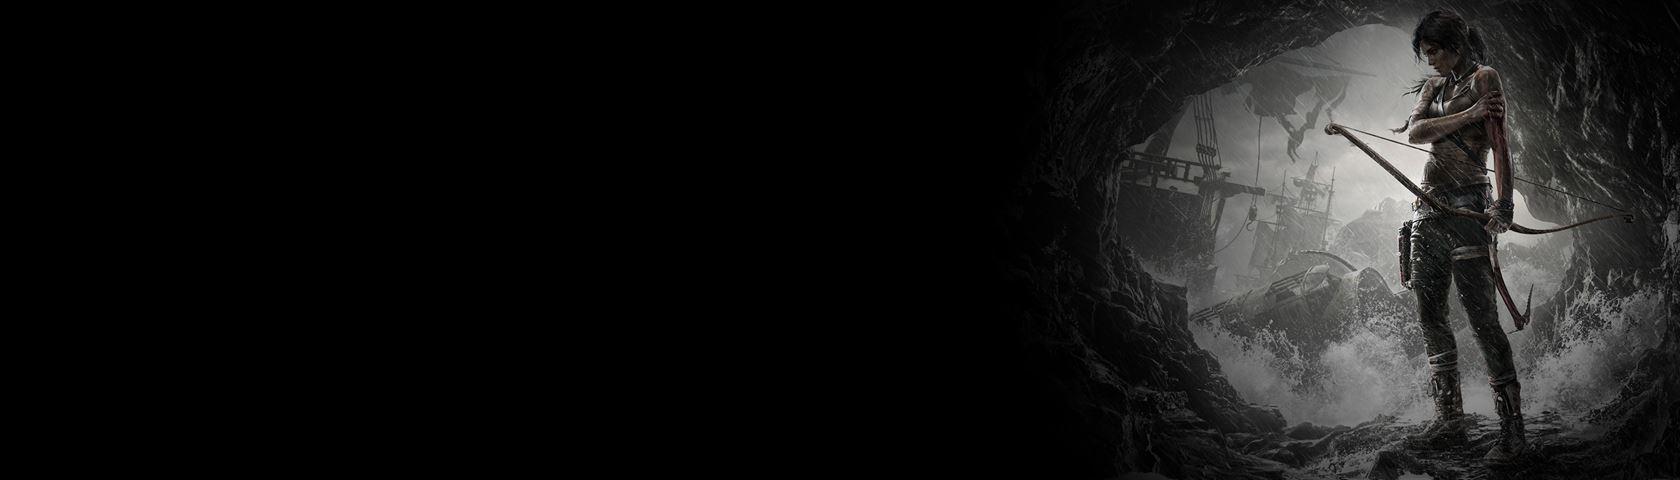 WallpaperFusion lara croft in tomb raider 1680x480 Digital Trends 1680x480